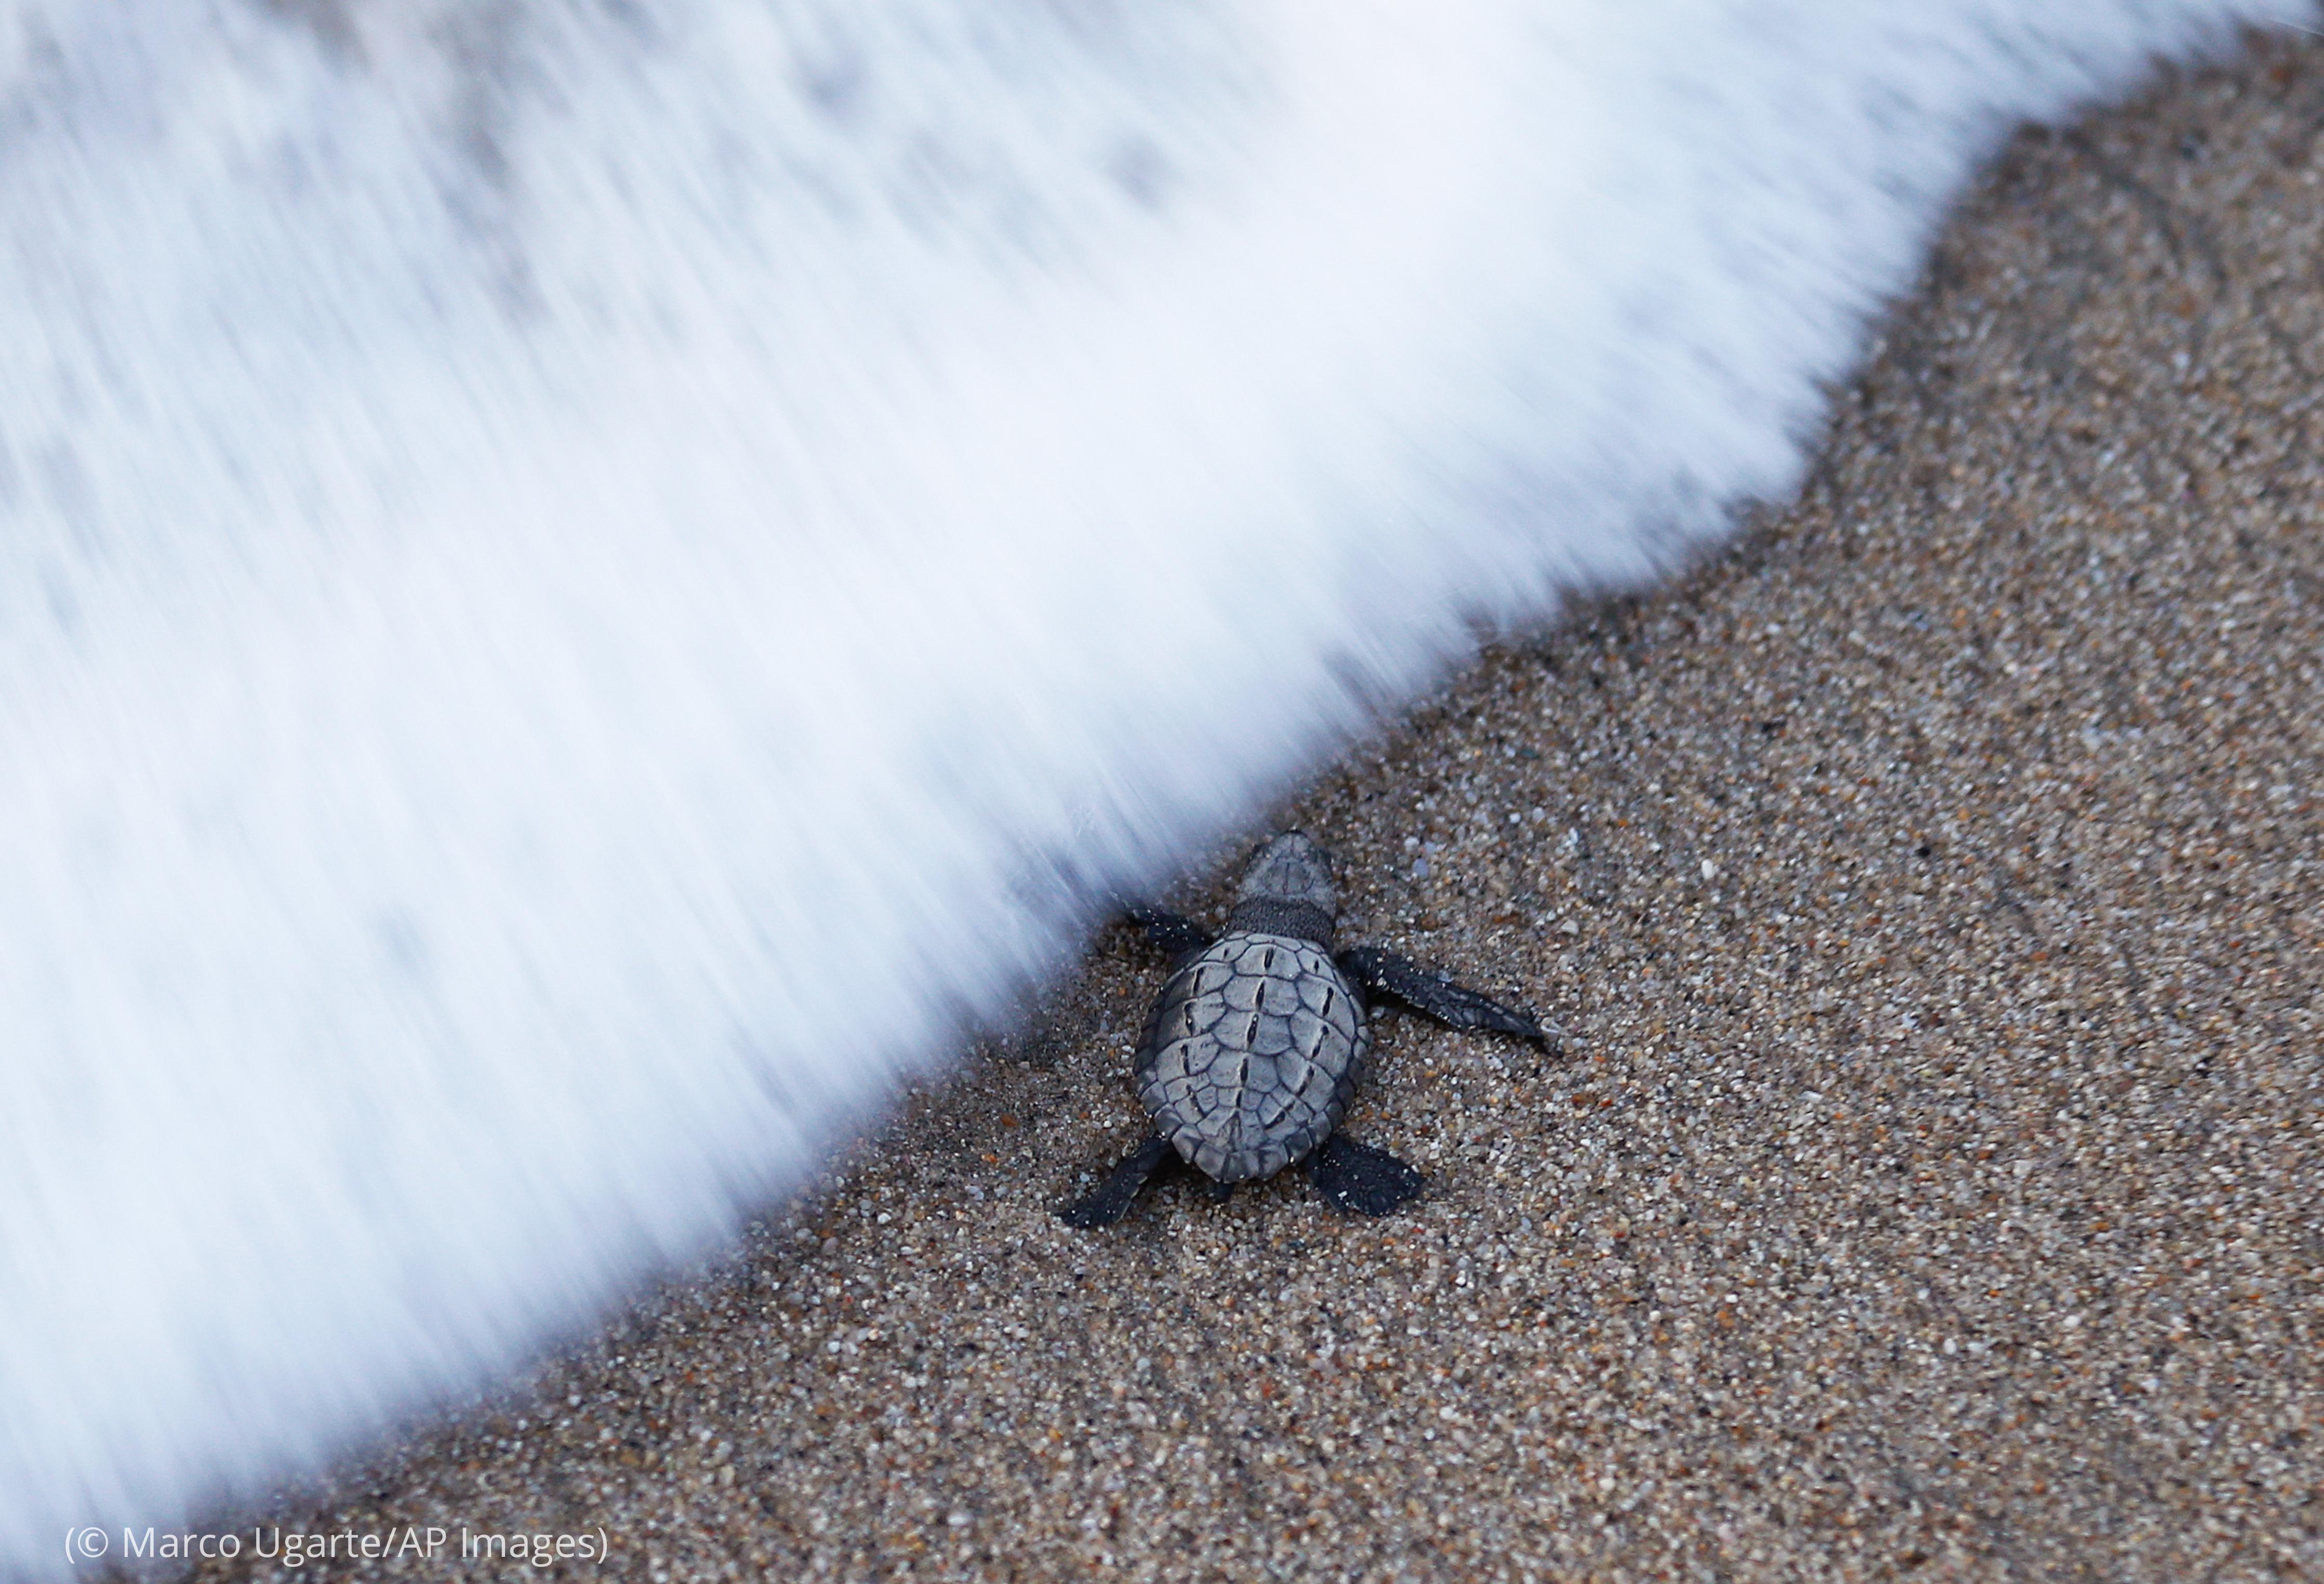 Filhote de tartaruga marinha entrando no mar (© Marco Ugarte/AP Images)